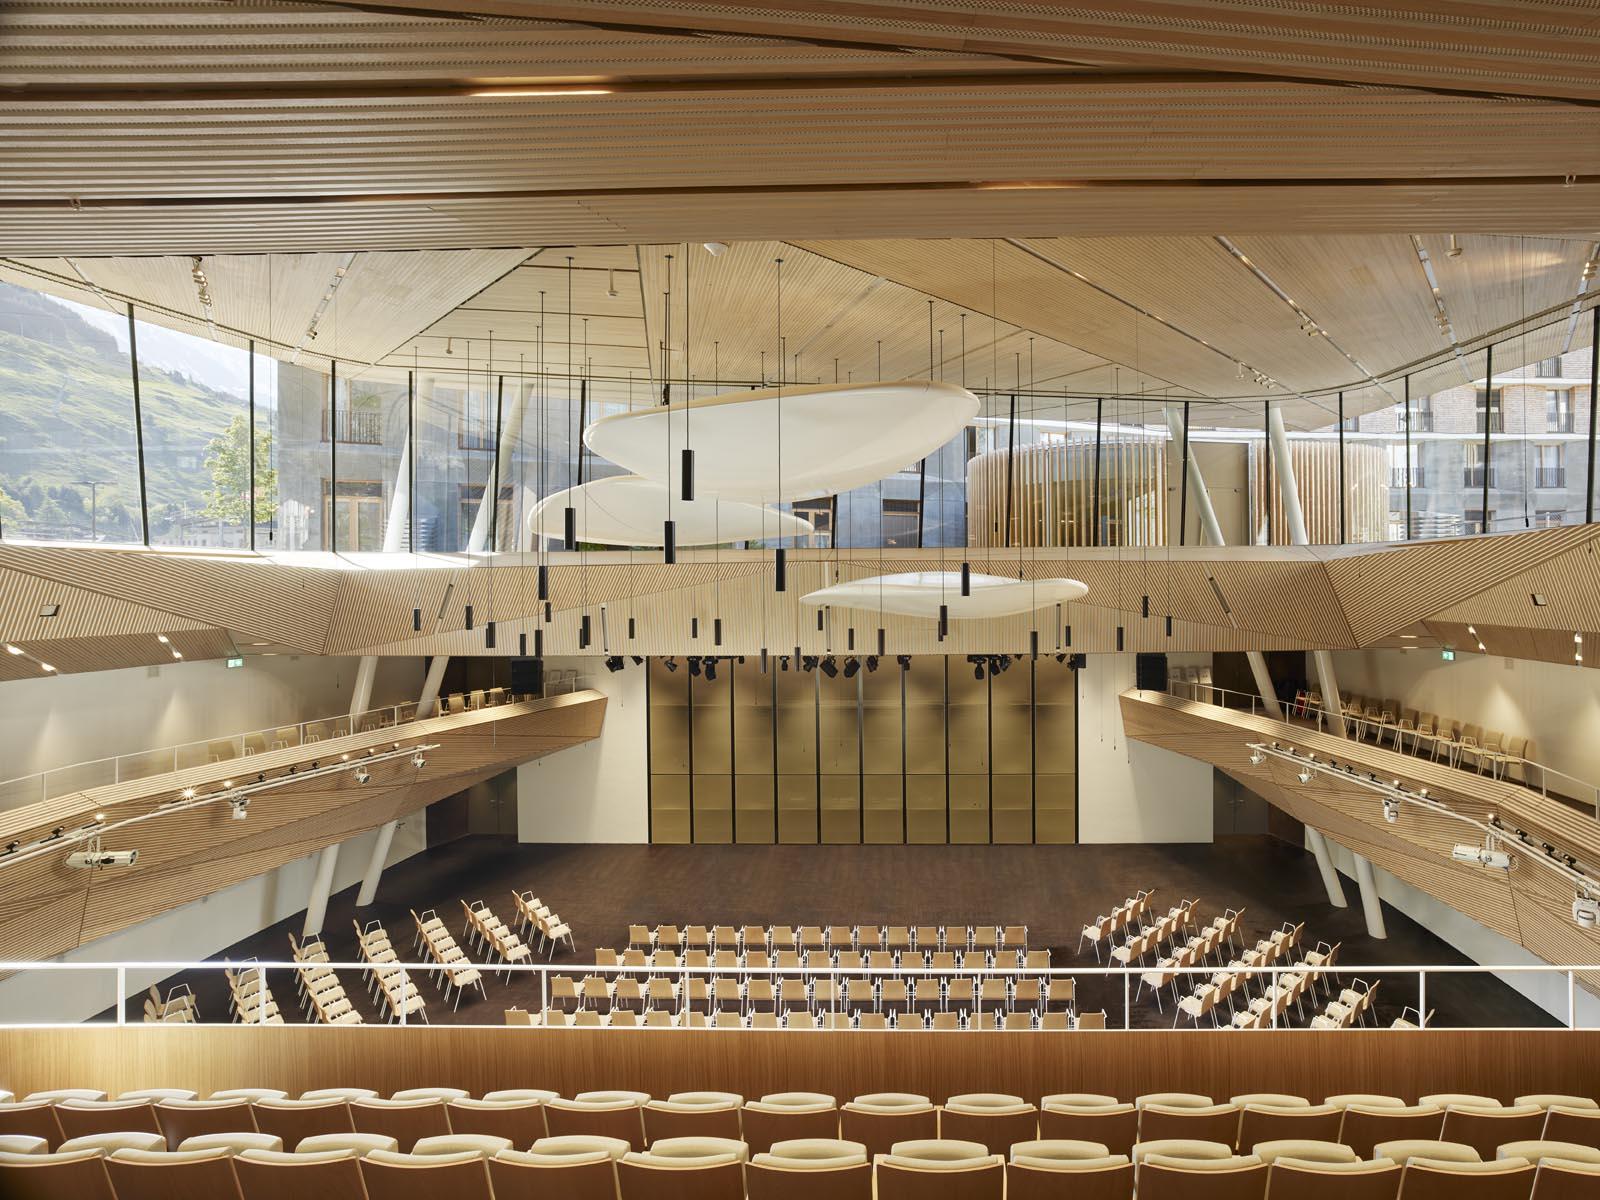 Andermatt Concert Hall